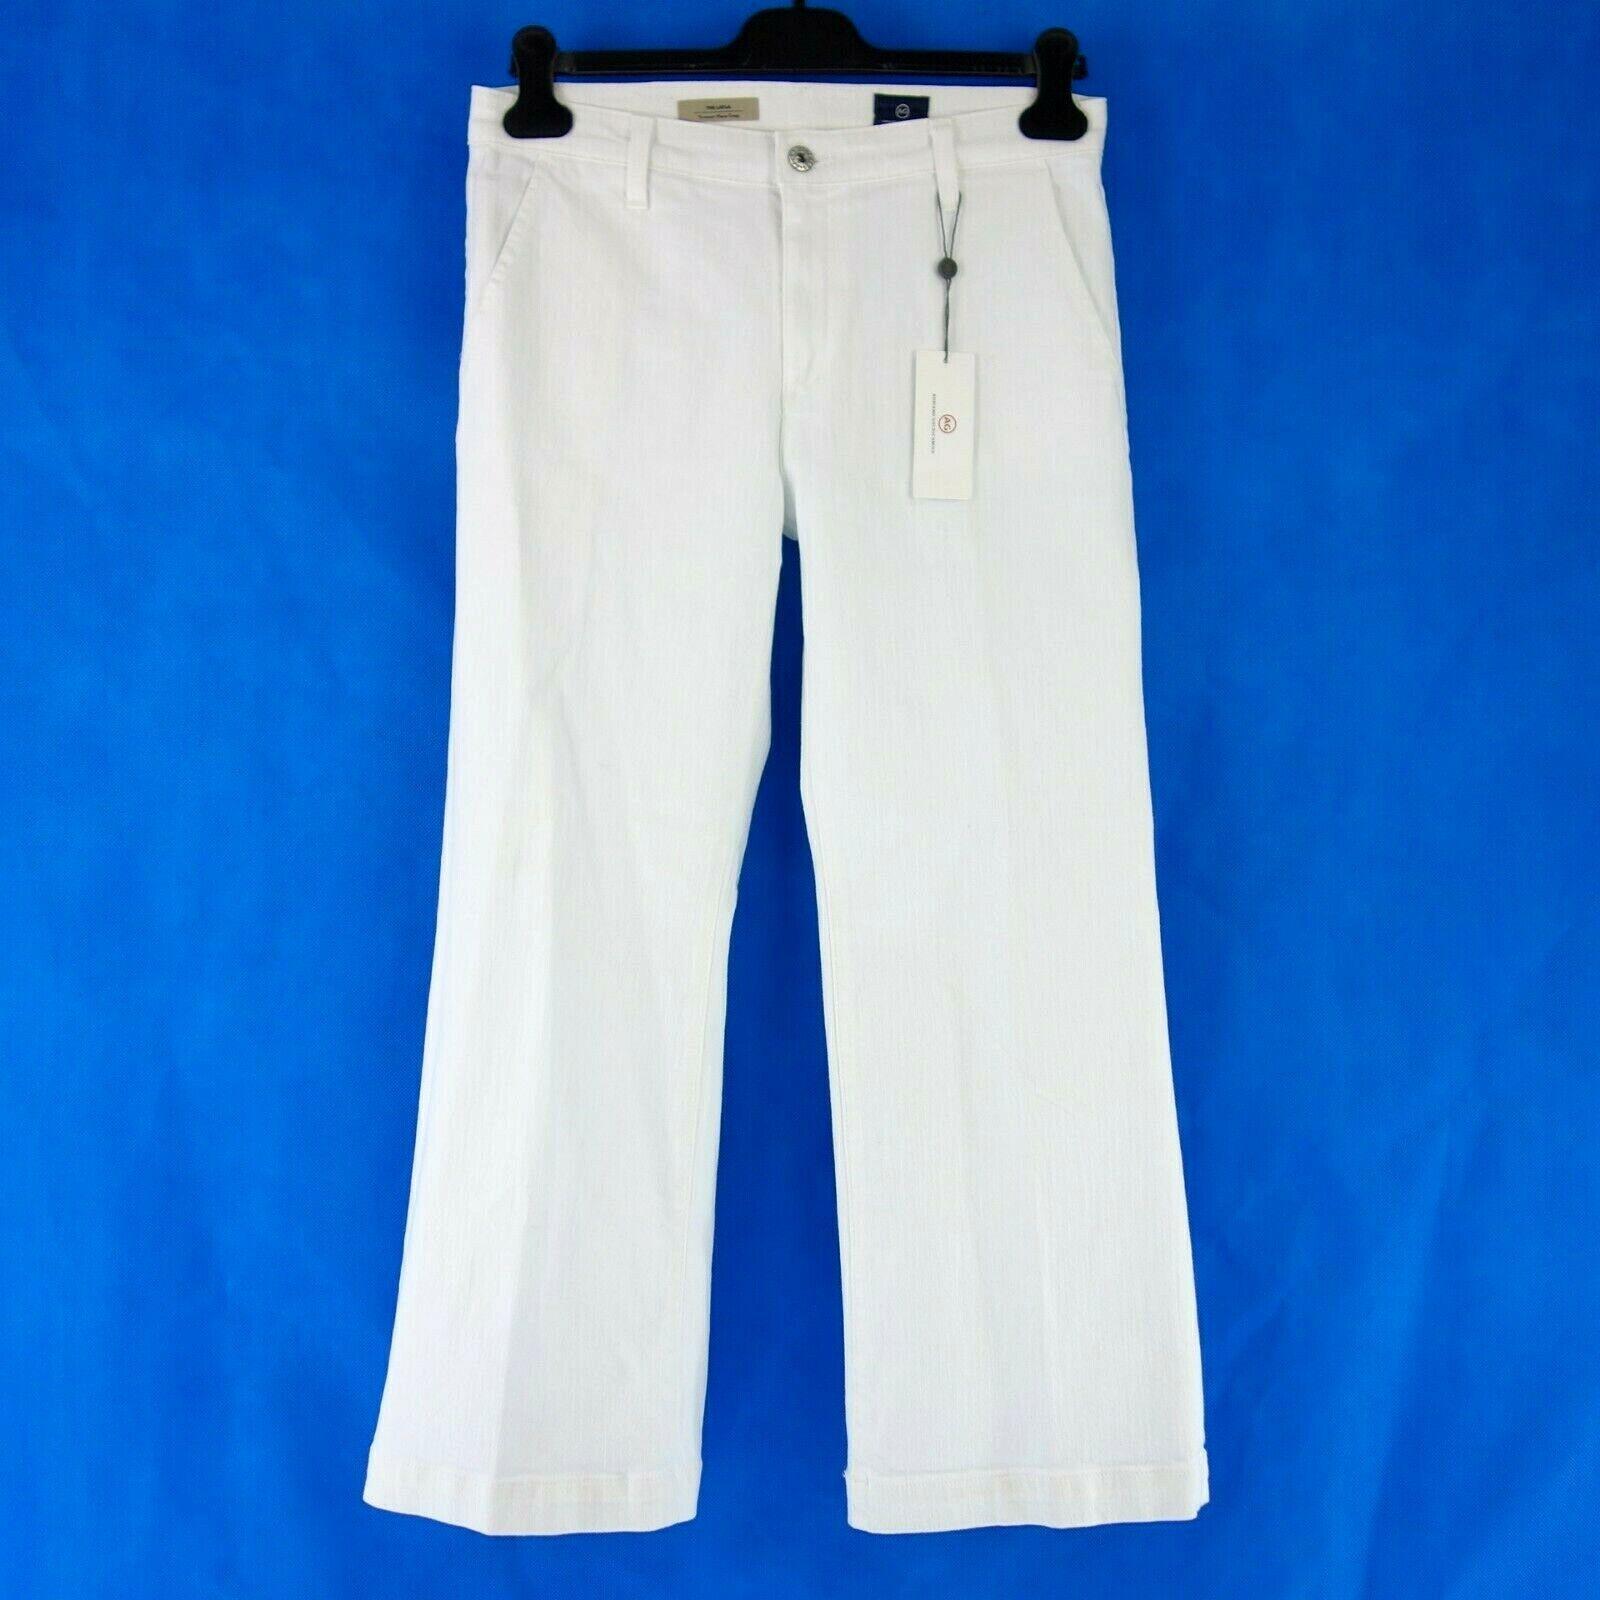 Adriano orschmied Ag Femme Pantalon Jeans The Layla W25 W28 W29 Blanc Np